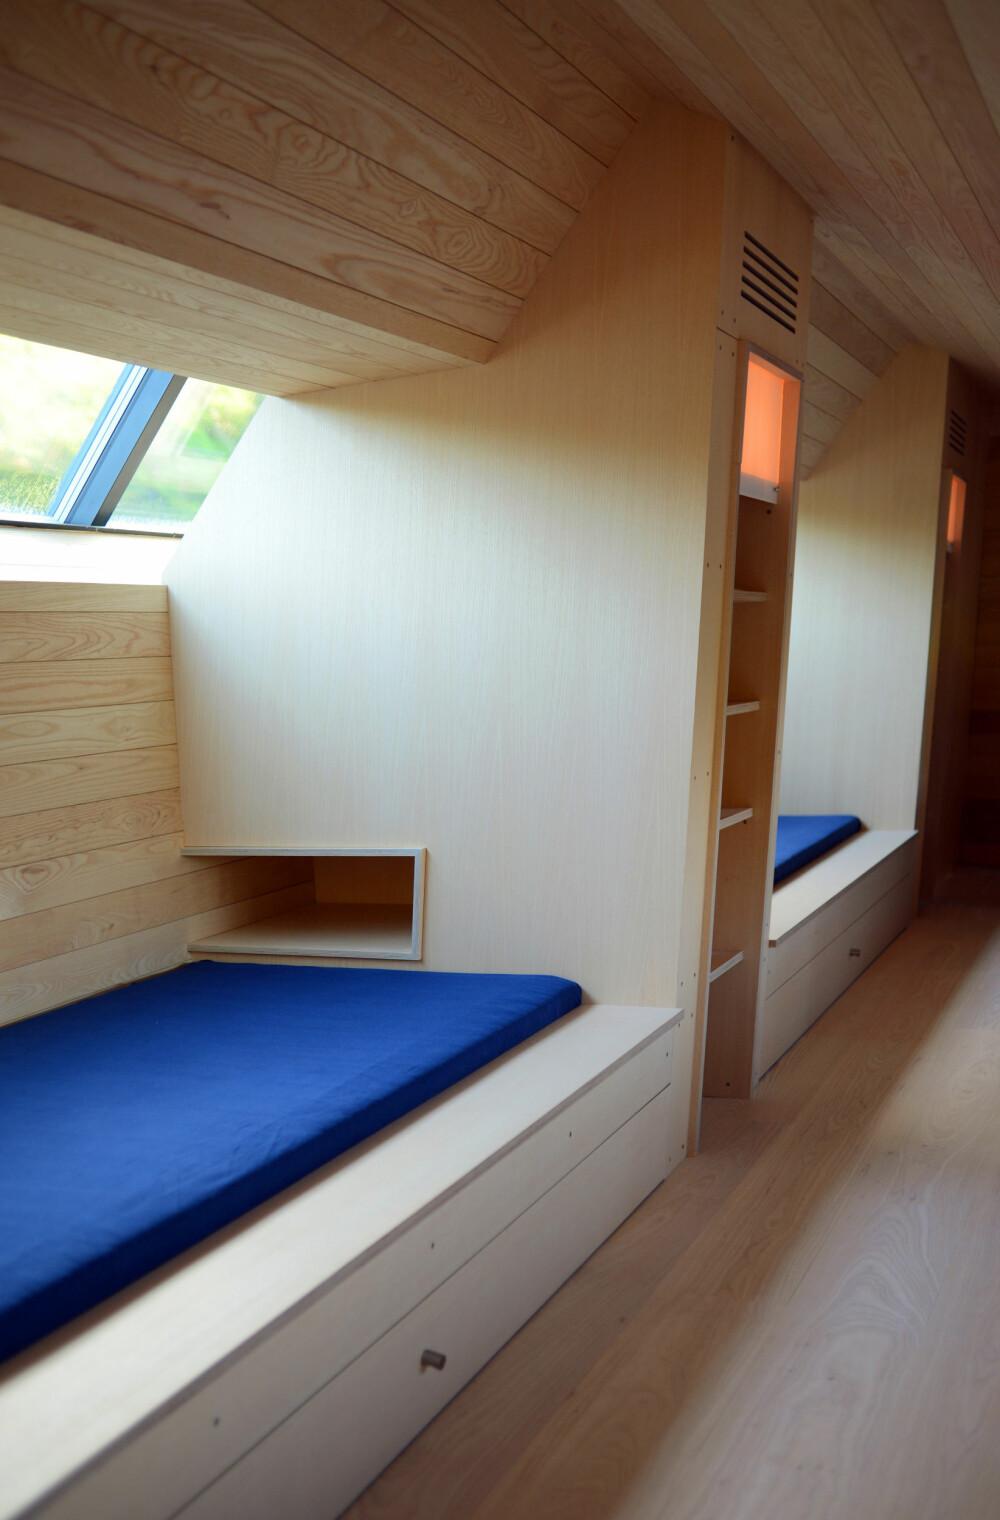 INTEGRERTE LØSNINGER: For å spare plass ble blant annet senger og oppbevaring bygget inn.